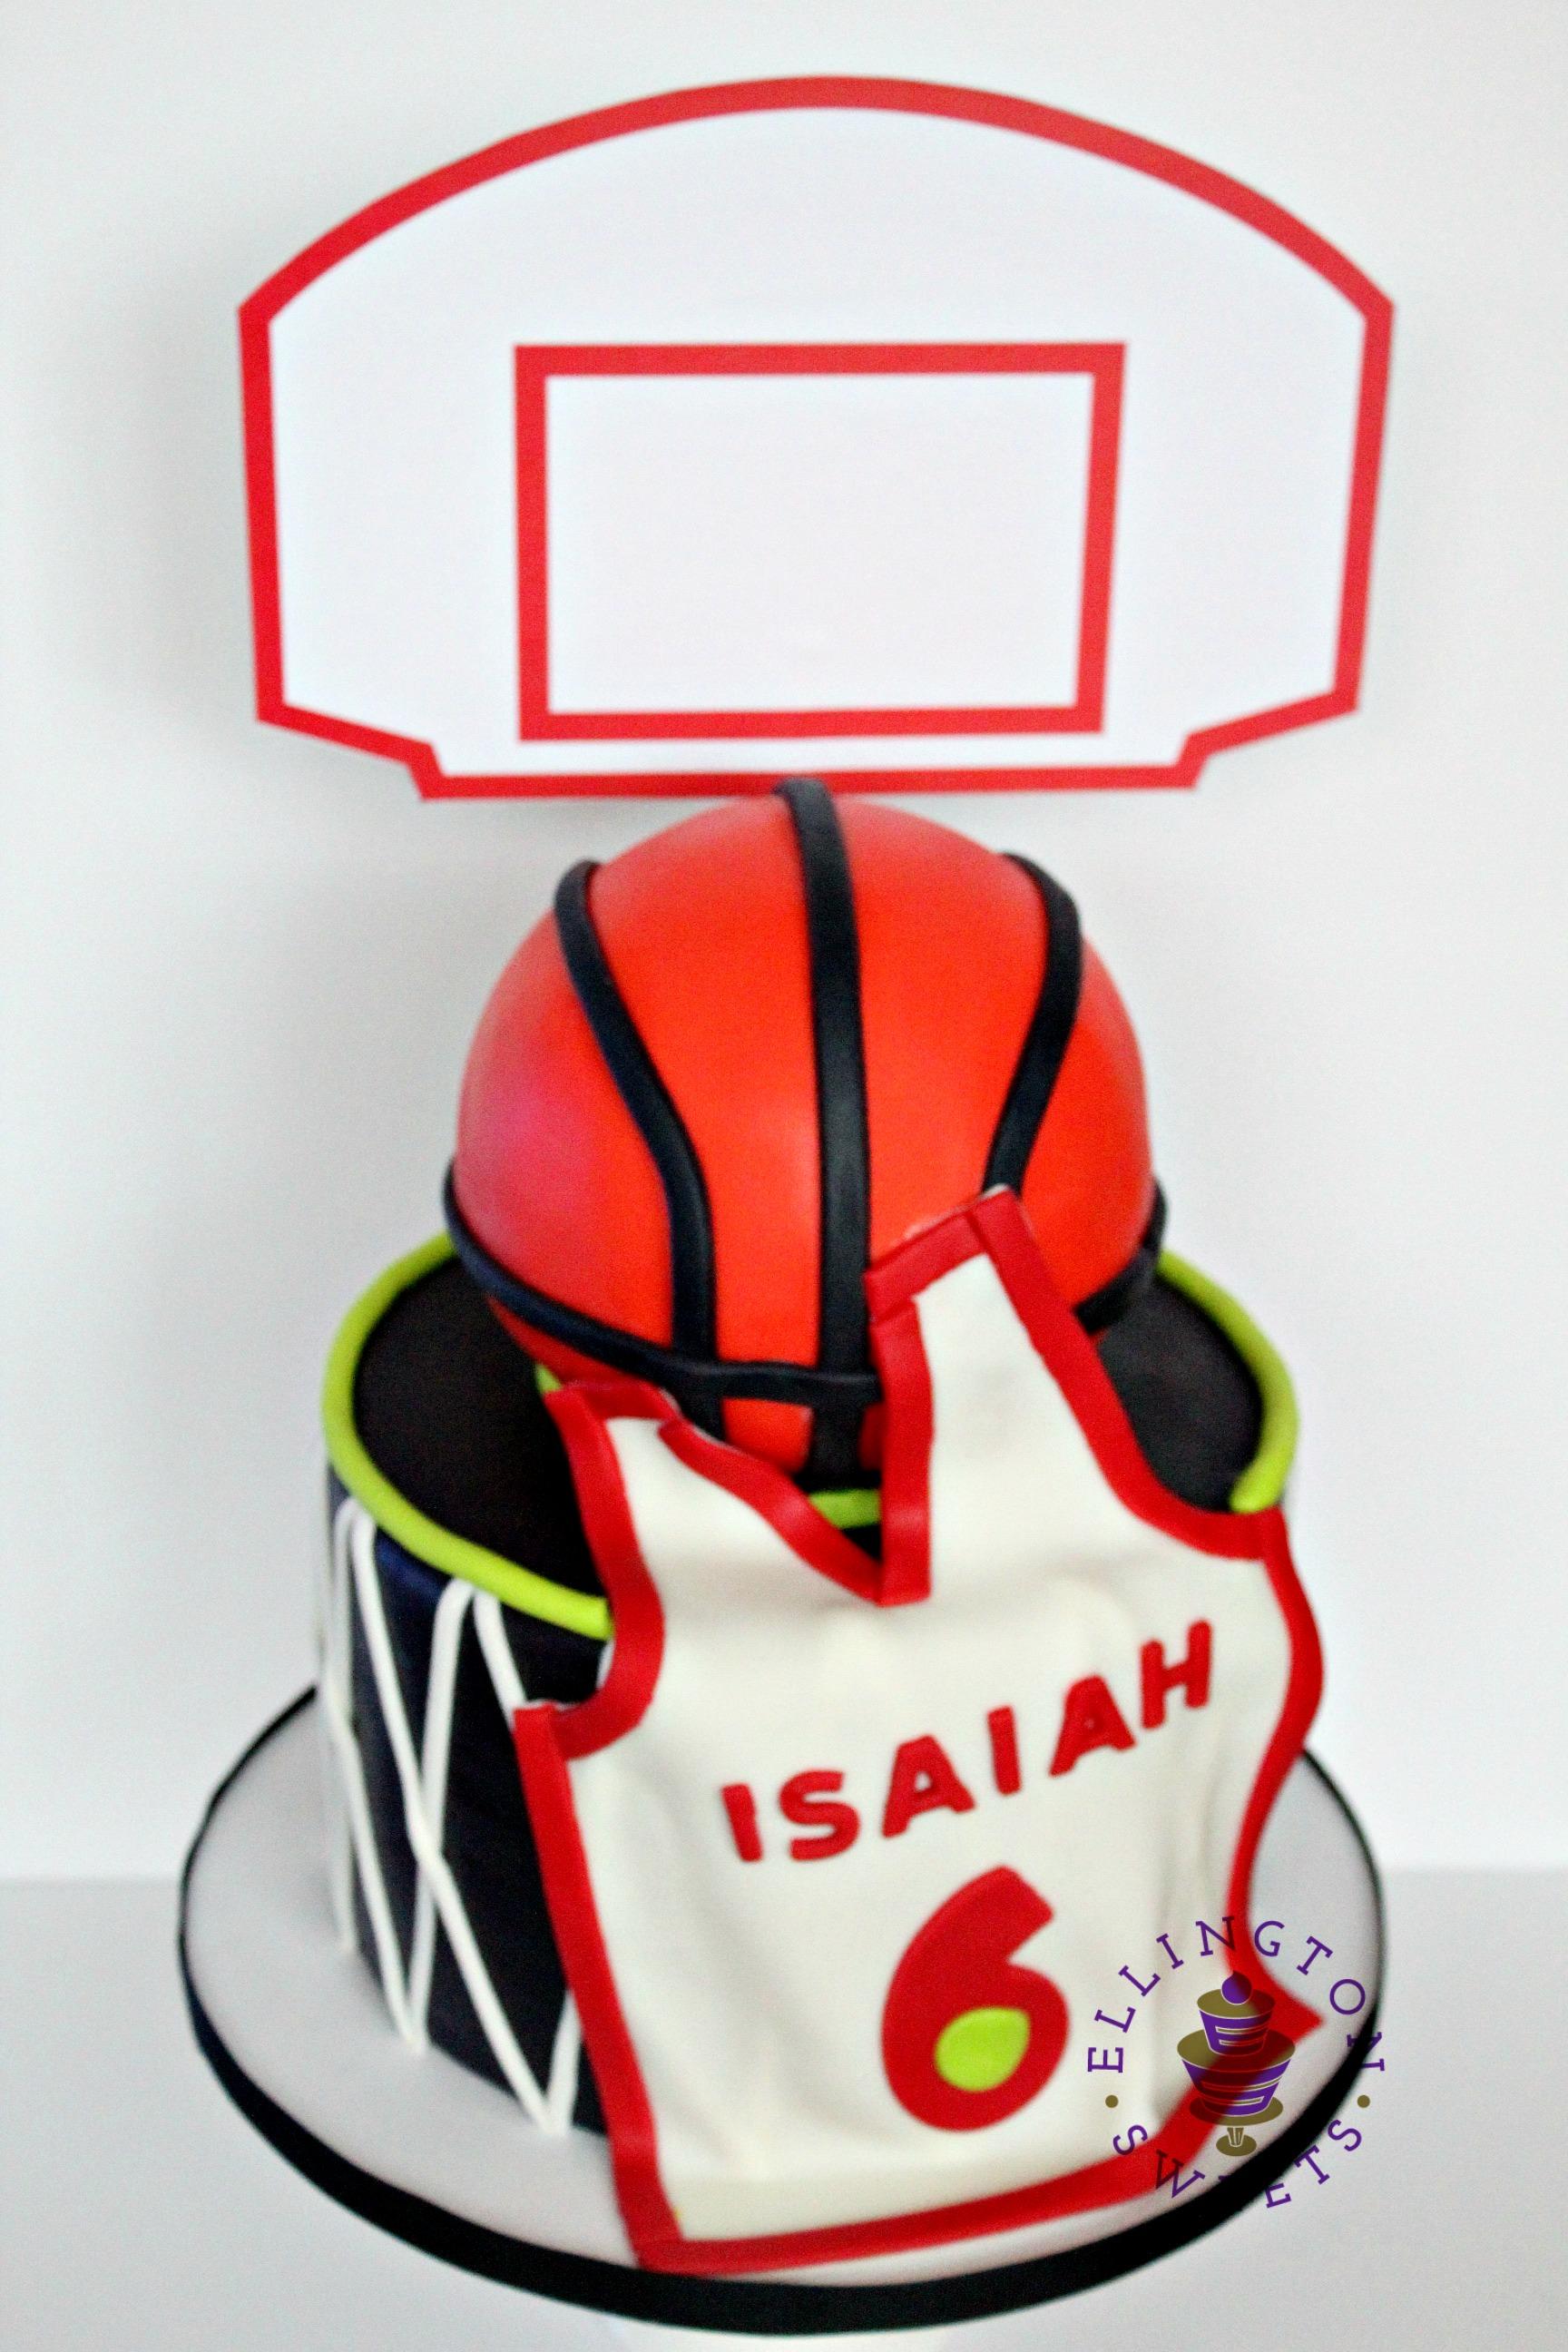 Isaiah edited.jpg